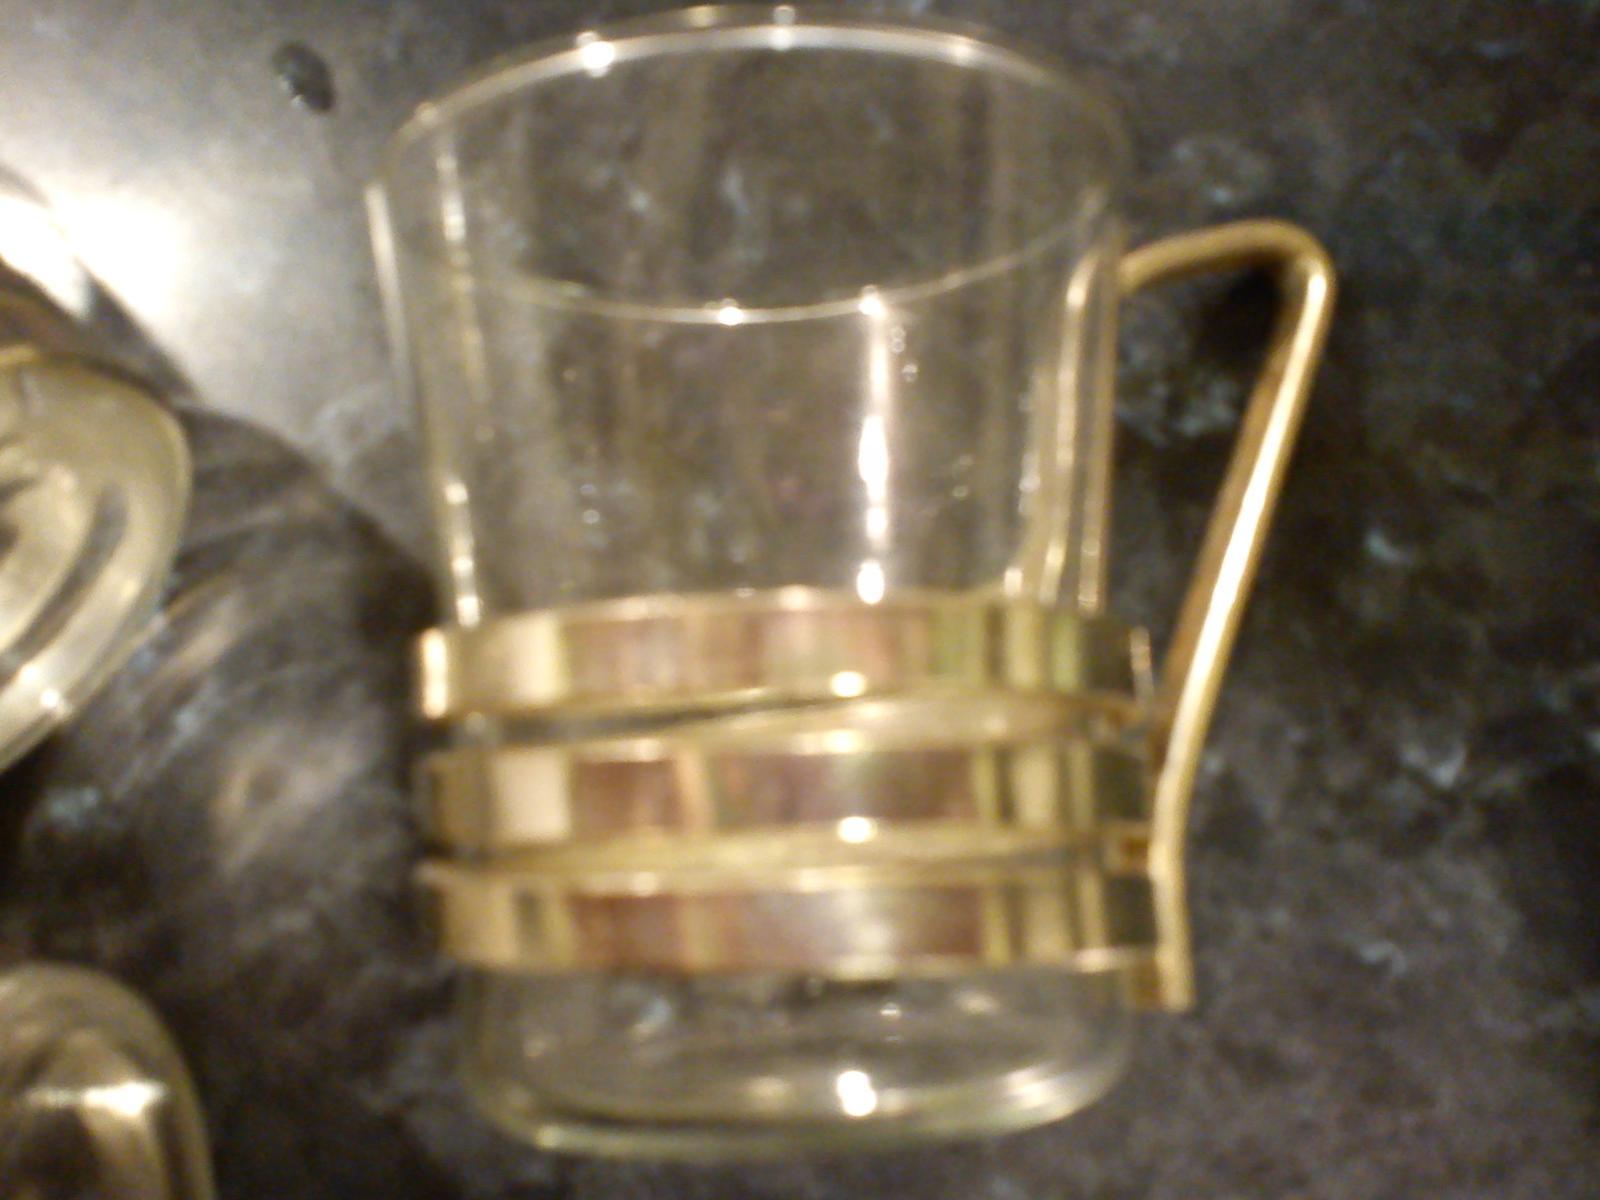 Sklenené poháre - Obrázok č. 3